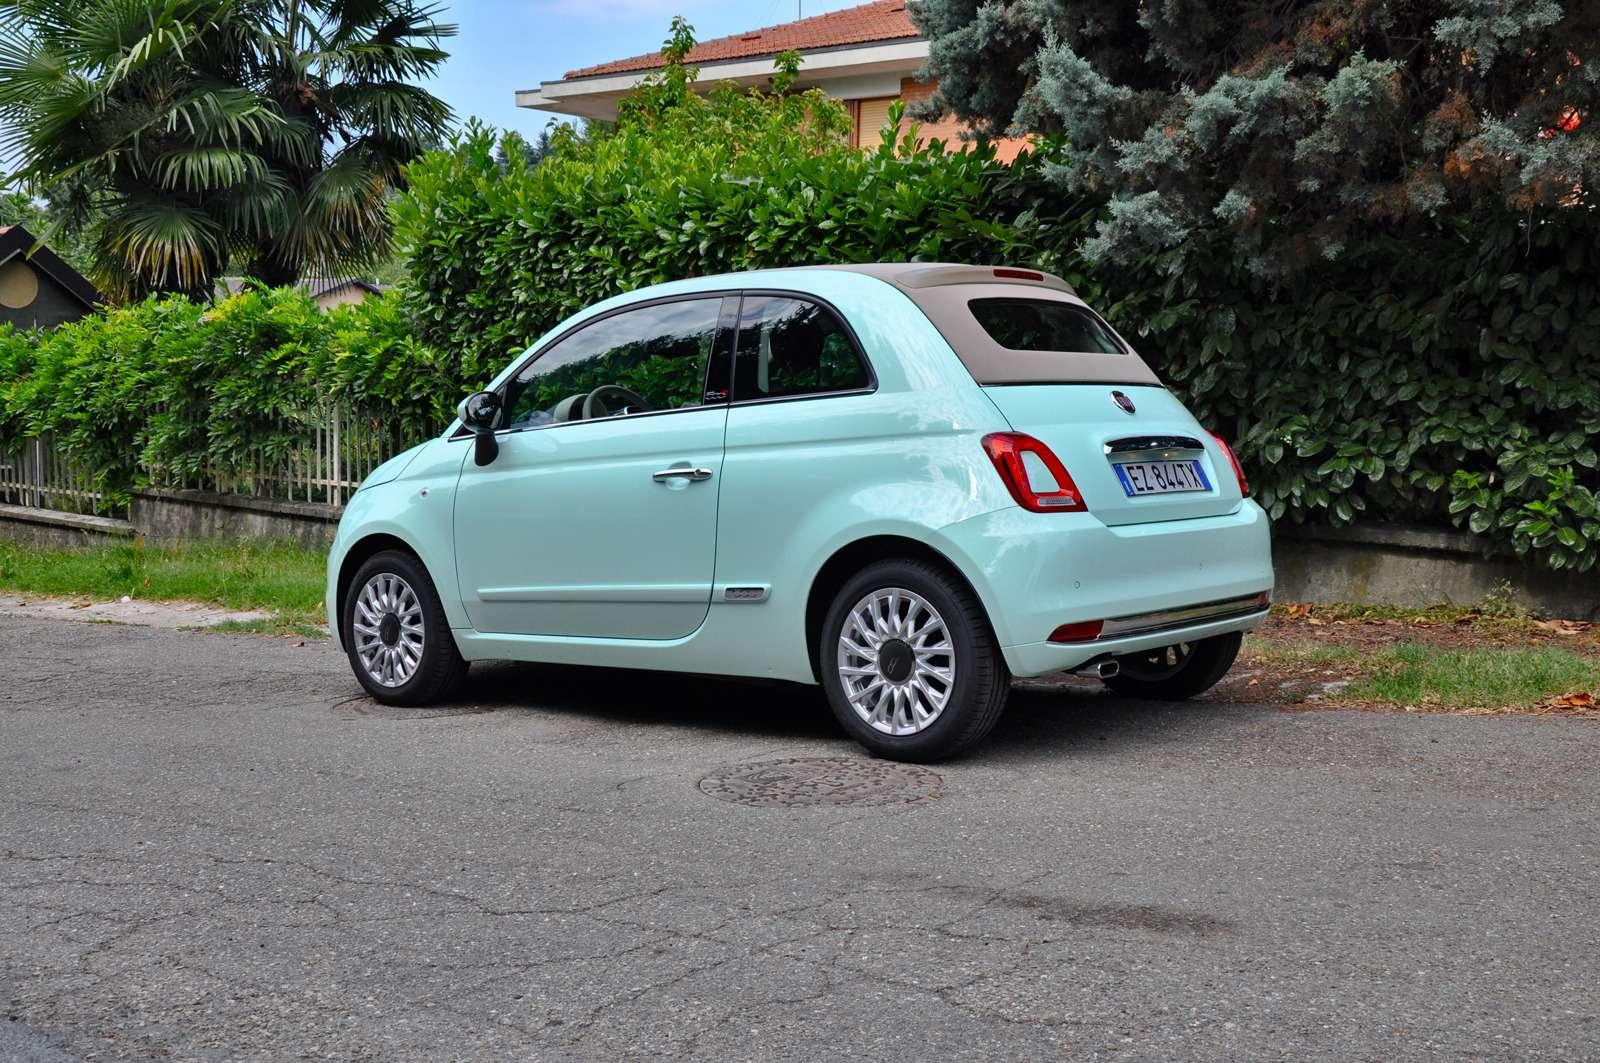 01-Fiat-500_zr-10_15